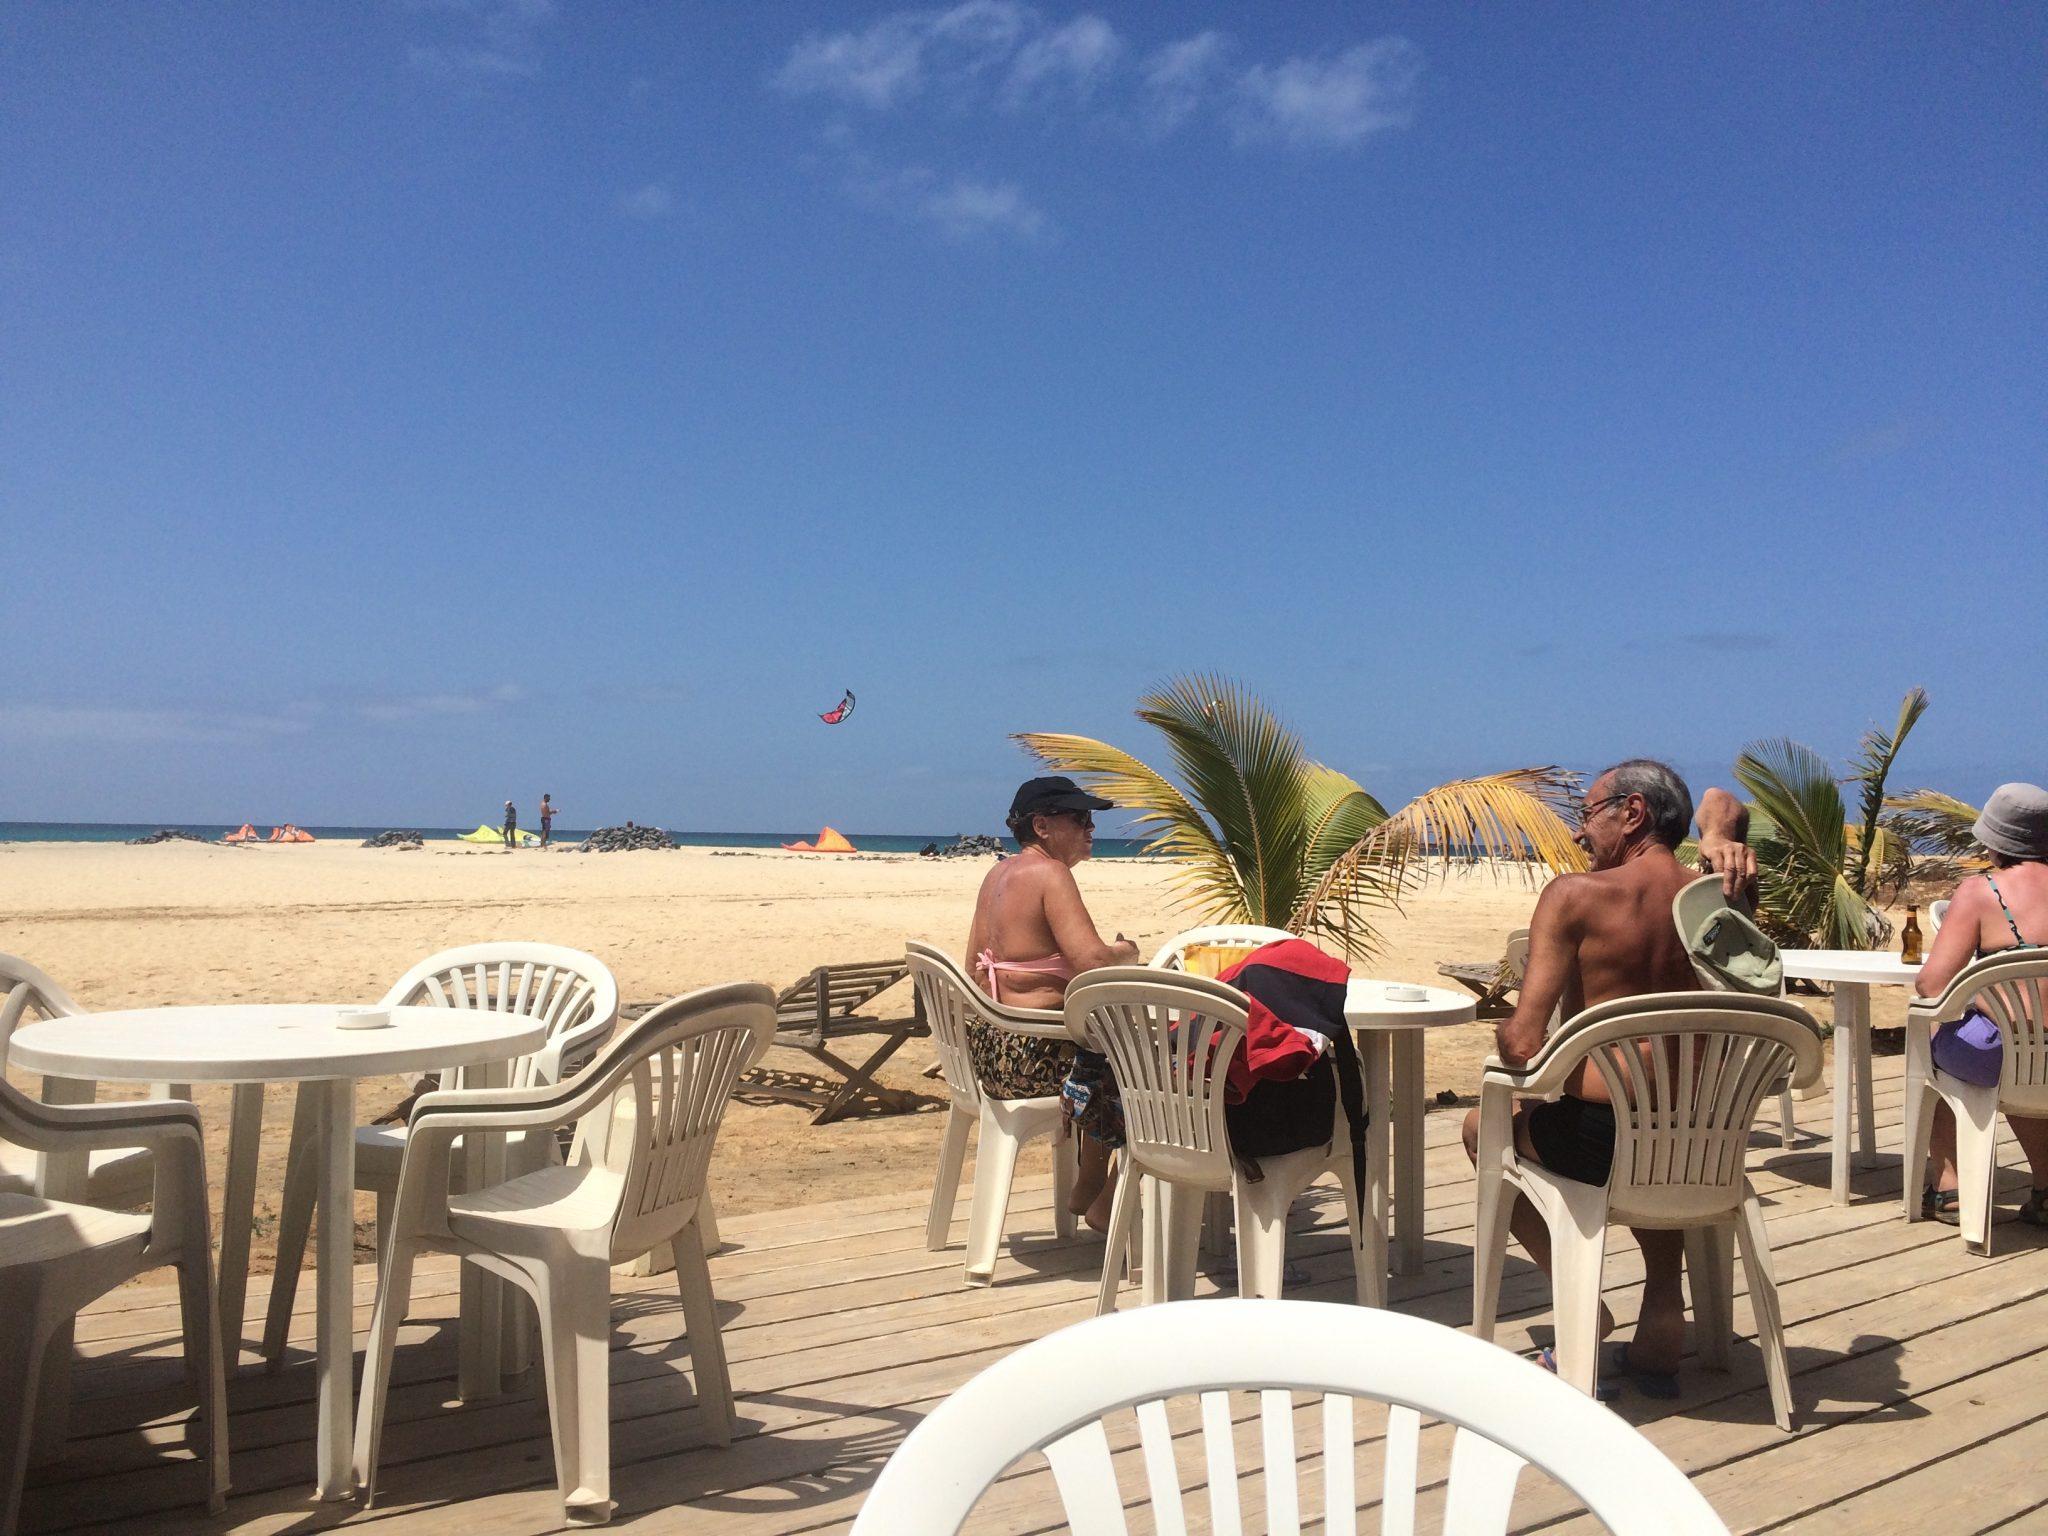 Santa Maria Beach, Sal Island, Cape Verde